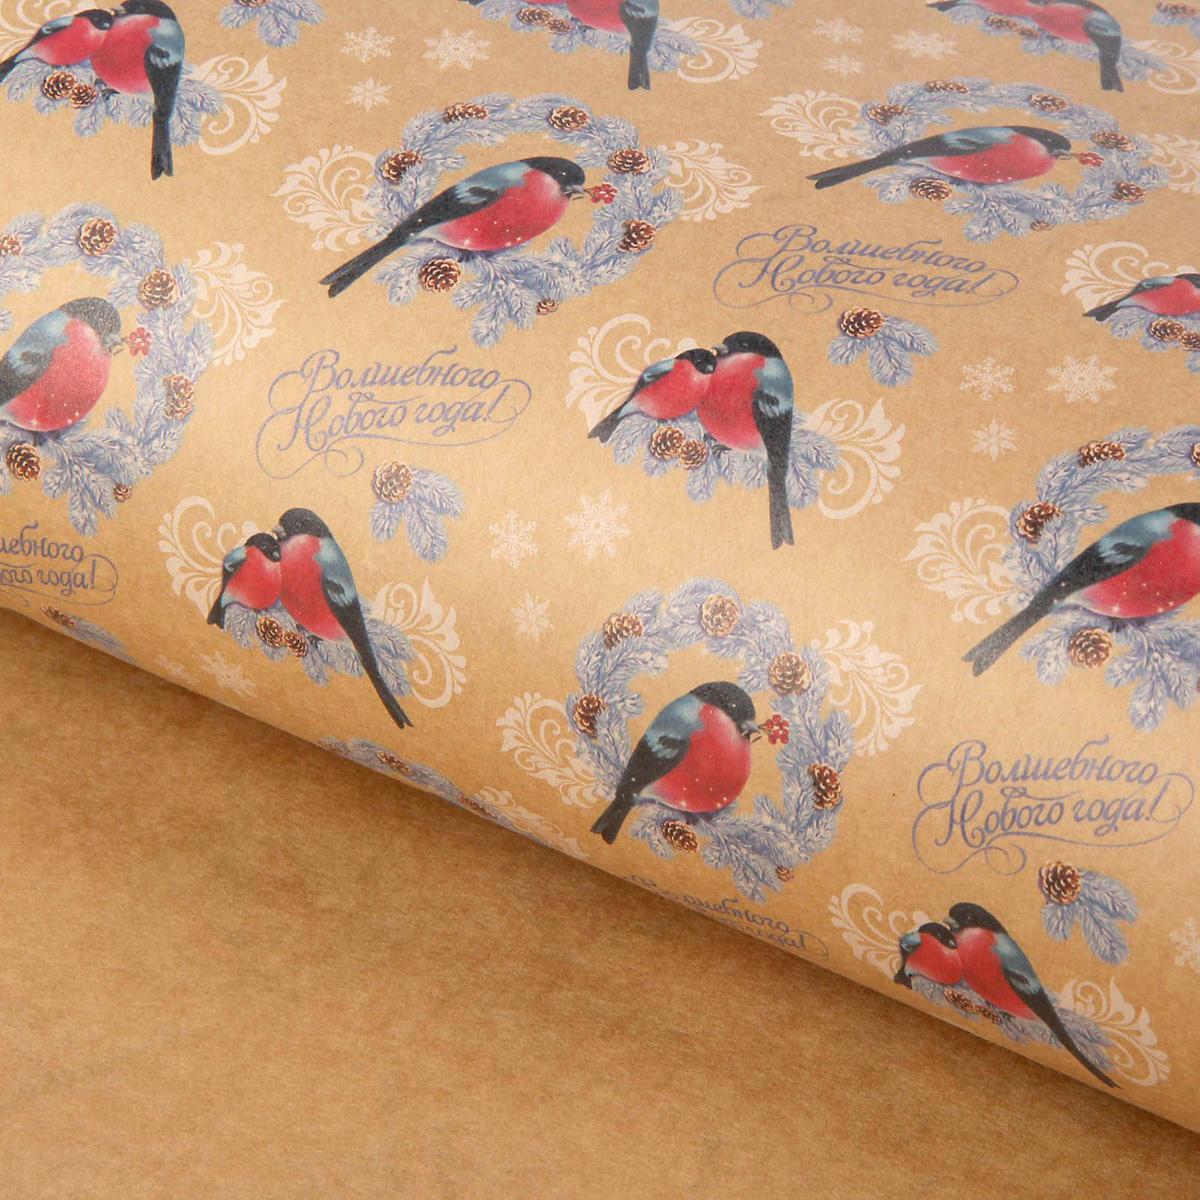 Бумага упаковочная Sima-land Волшебного нового года! Снегири, крафт, 70 х 100 см1442995Это стильный и модный тренд в декоре и упаковке. Она универсальна в оформлении любой продукции и подарка и сделает даже обычный презент заметным, приятным и стильным.